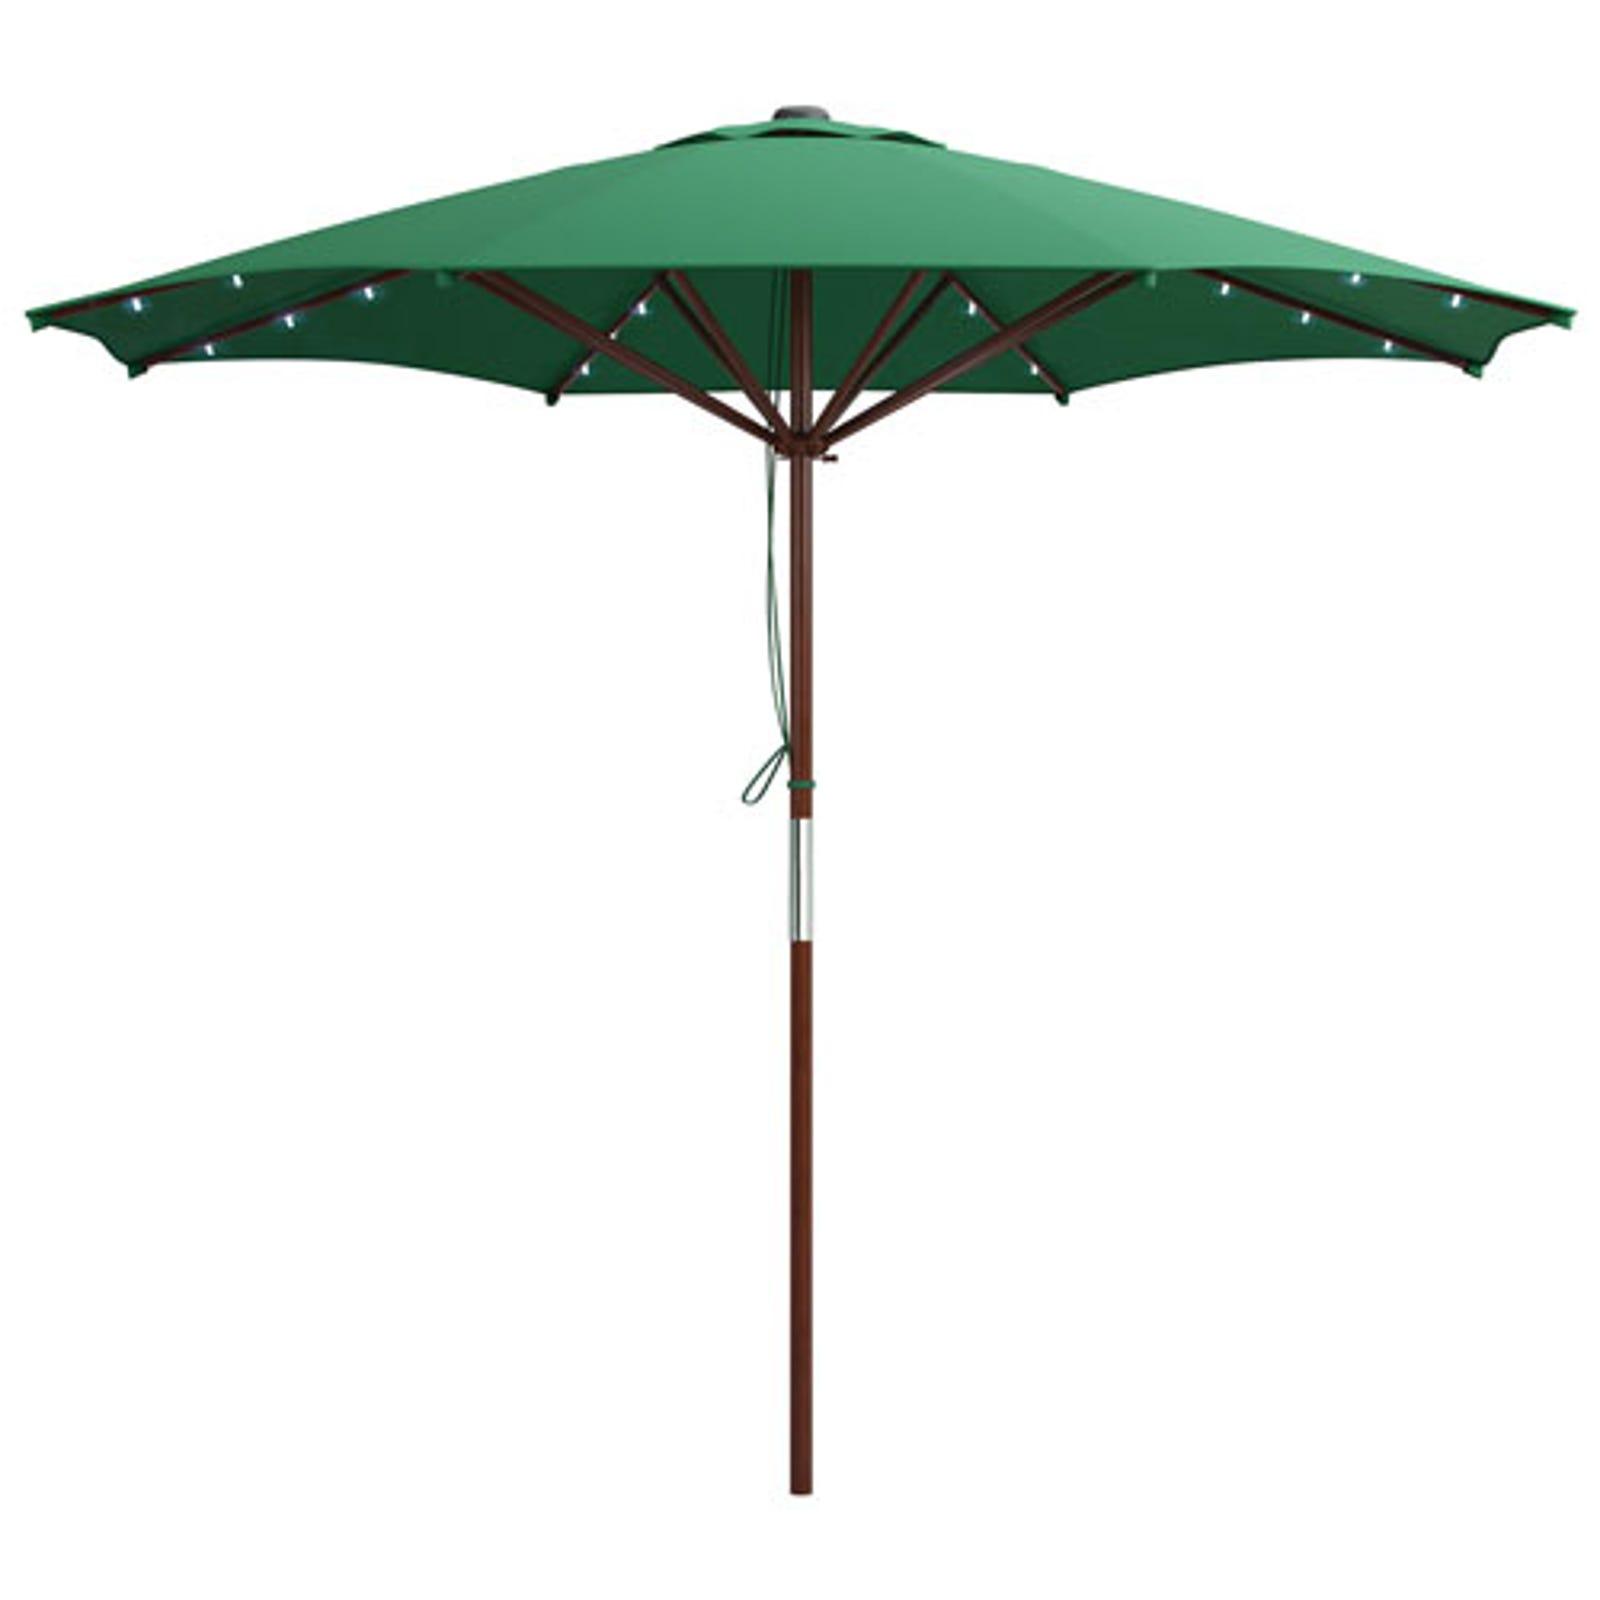 Meubles de patio : Espace extérieur | Best Buy Canada